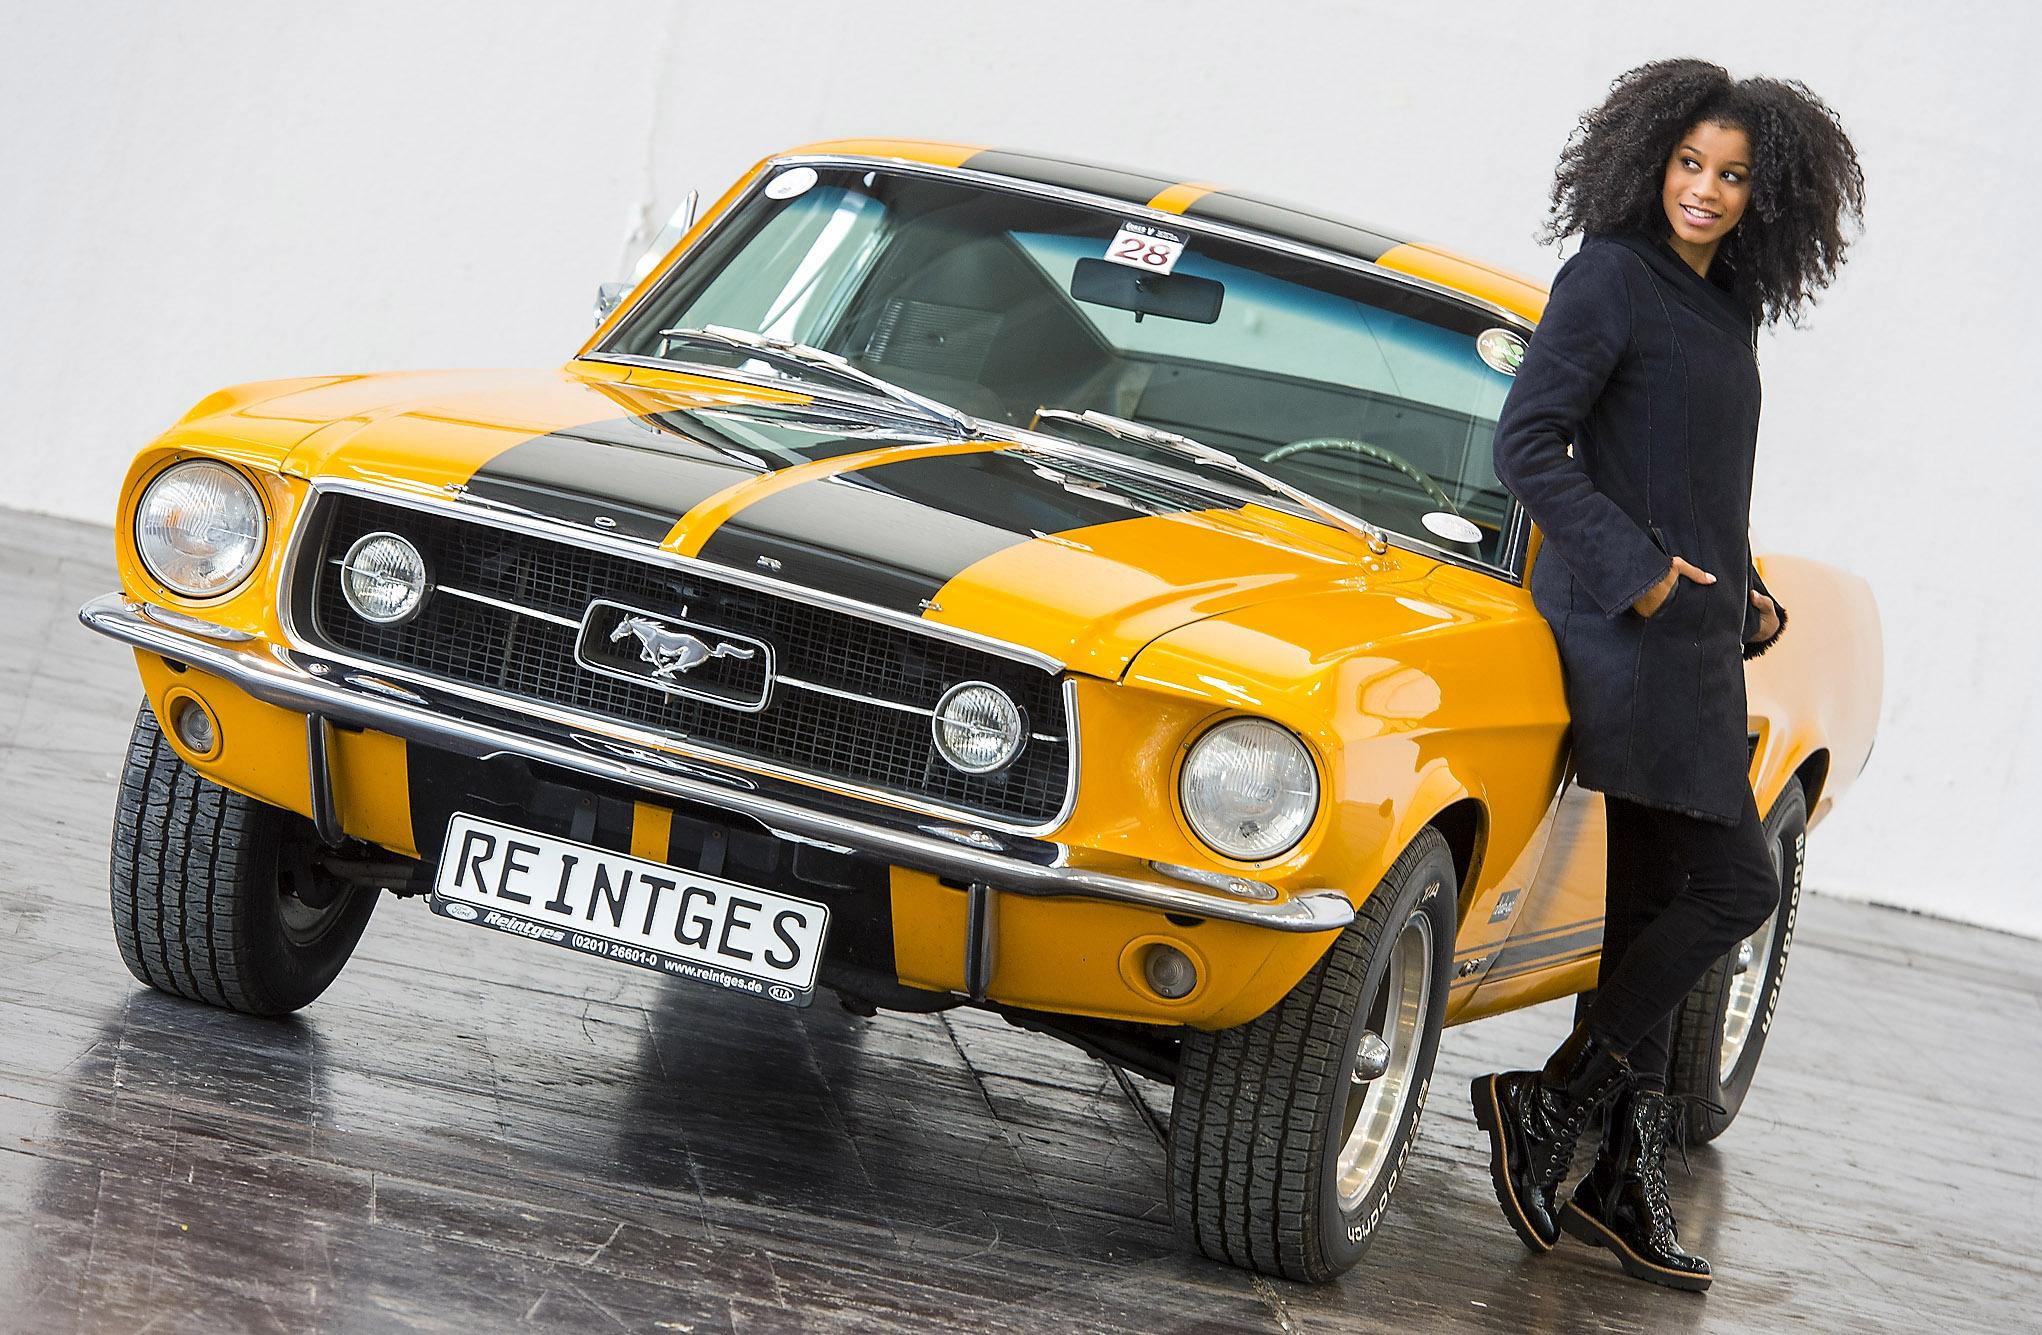 """Eine automobile Kostbarkeit ist dieser Ford Mustang Fastback """"Team Reintges"""" aus dem Jahr 1967. 300 PS, 4,7-Liter-Hubraum und acht Zylinder – der Mustang des Autohauses Reintges hält nur an, um bestaunt zu werden. Model Luisa ist von dem stilvollen Klassiker begeistert. Weitere sportliche Fahrzeuge erwarten Besucher und Fans auf der Essen Motor Show vom 26. November bis zum 4. Dezember (25. November: Preview Day) in der Messe Essen. --- 26-10-2016/Essen/Germany Foto:Rainer Schimm/©MESSE ESSEN GmbH --- Verwendung / Nutzungseinschränkung: Redaktionelle Foto-Veröffentlichung über MESSE ESSEN/CONGRESS CENTER ESSEN und deren Veranstaltungen gestattet. NO MODEL RELEASE - Keine Haftung für Verletzung von Rechten abgebildeter Personen oder Objekten, die Einholung der o.g. Rechte obliegt dem Nutzer. Das Foto ist nach Nutzung zu löschen! --- Use / utilisation restriction: Editorial photographic publications about MESSE ESSEN / CONGRESS CENTER ESSEN and their events are permitted. NO MODEL RELEASE - No liability for any infringements of the rights of portrayed people or objects. The user is obliged to seek the above rights. The photograph must be deleted when it has been utilised!"""